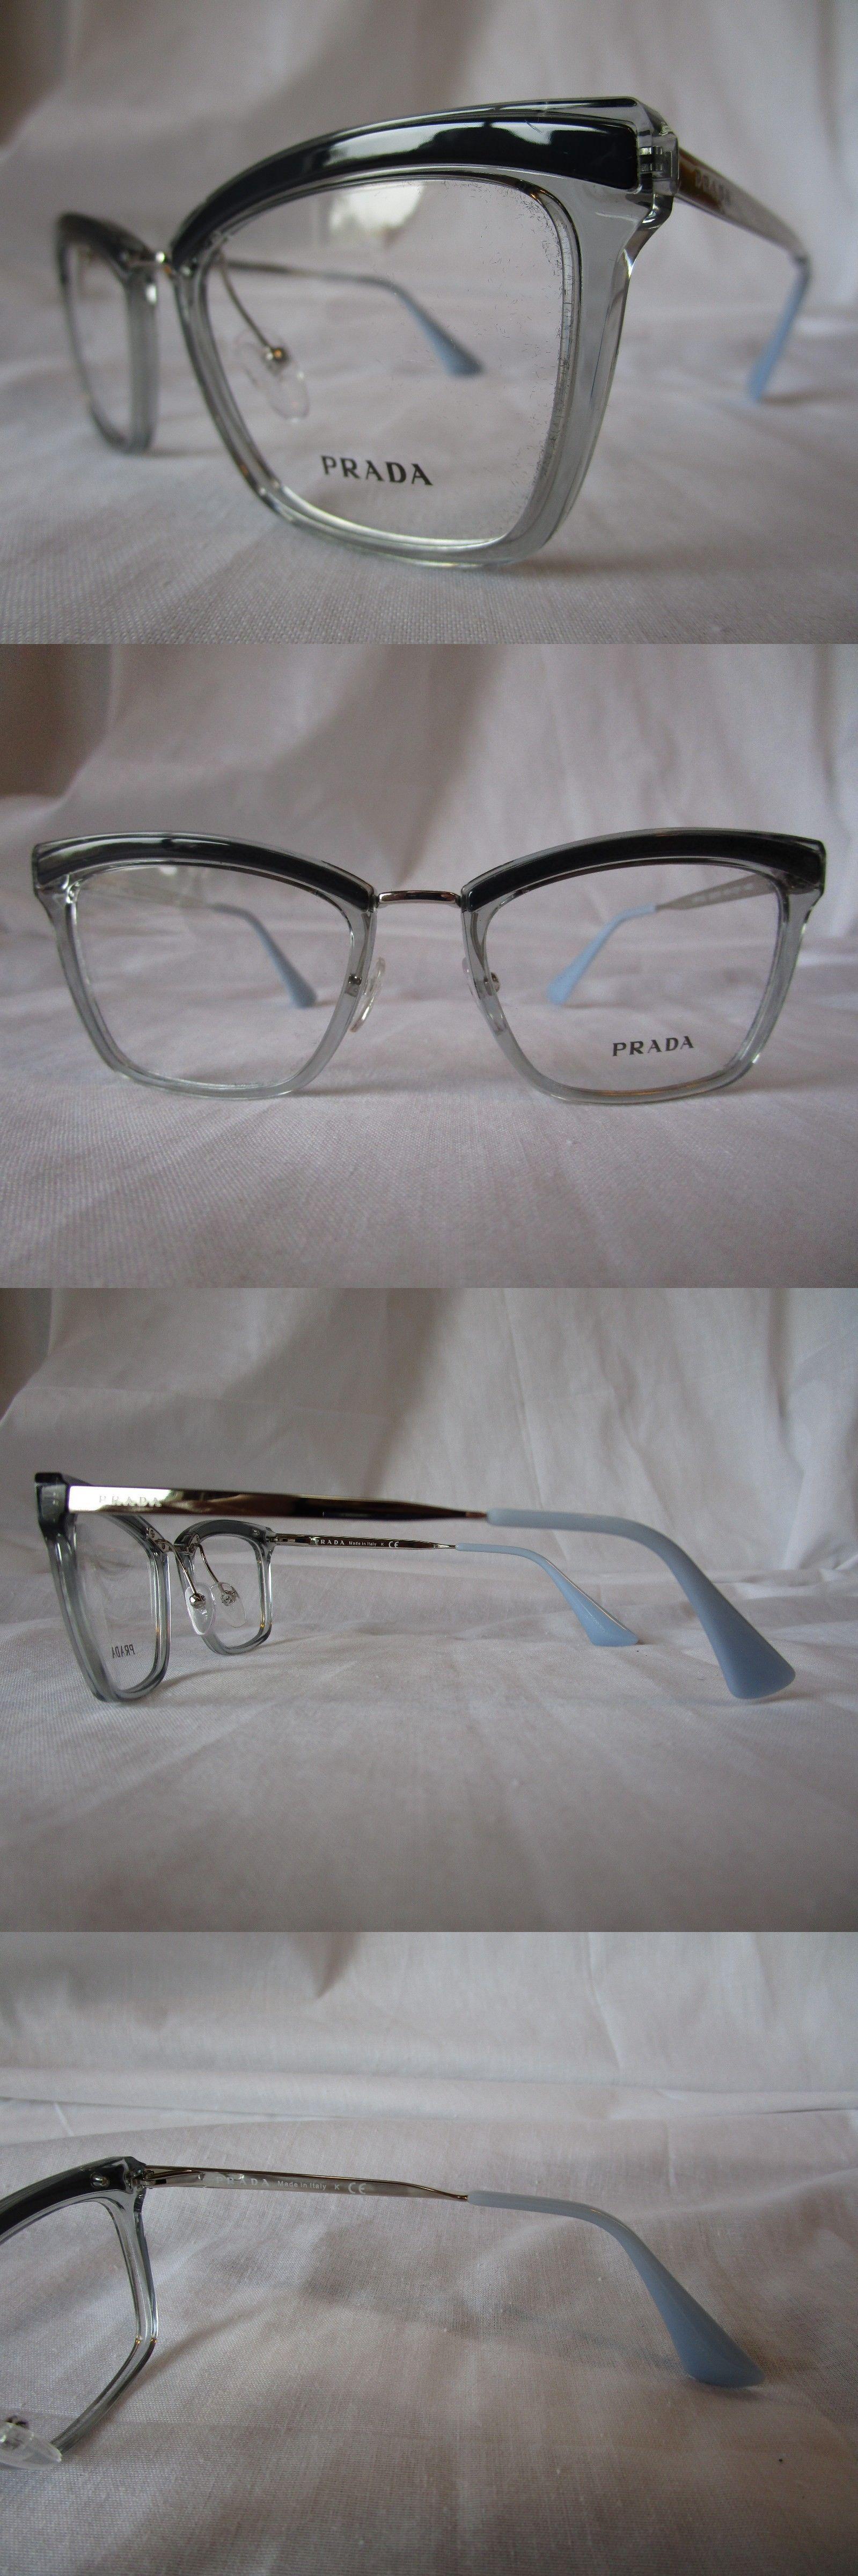 e00304329fc6 ... where can i buy eyeglass frames 180957 prada eyeglass frame pr15uv  ki5101 blue grey and silver